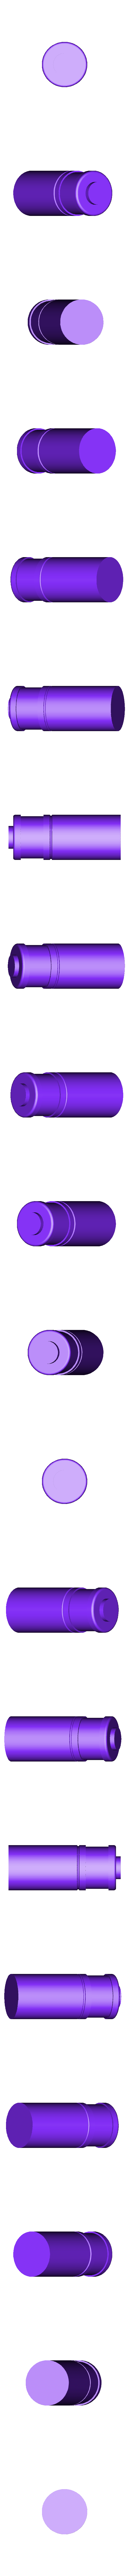 Shell_3.stl Télécharger fichier STL gratuit Borderlands Bandit Room Clener Shotgun • Modèle pour impression 3D, Dsk